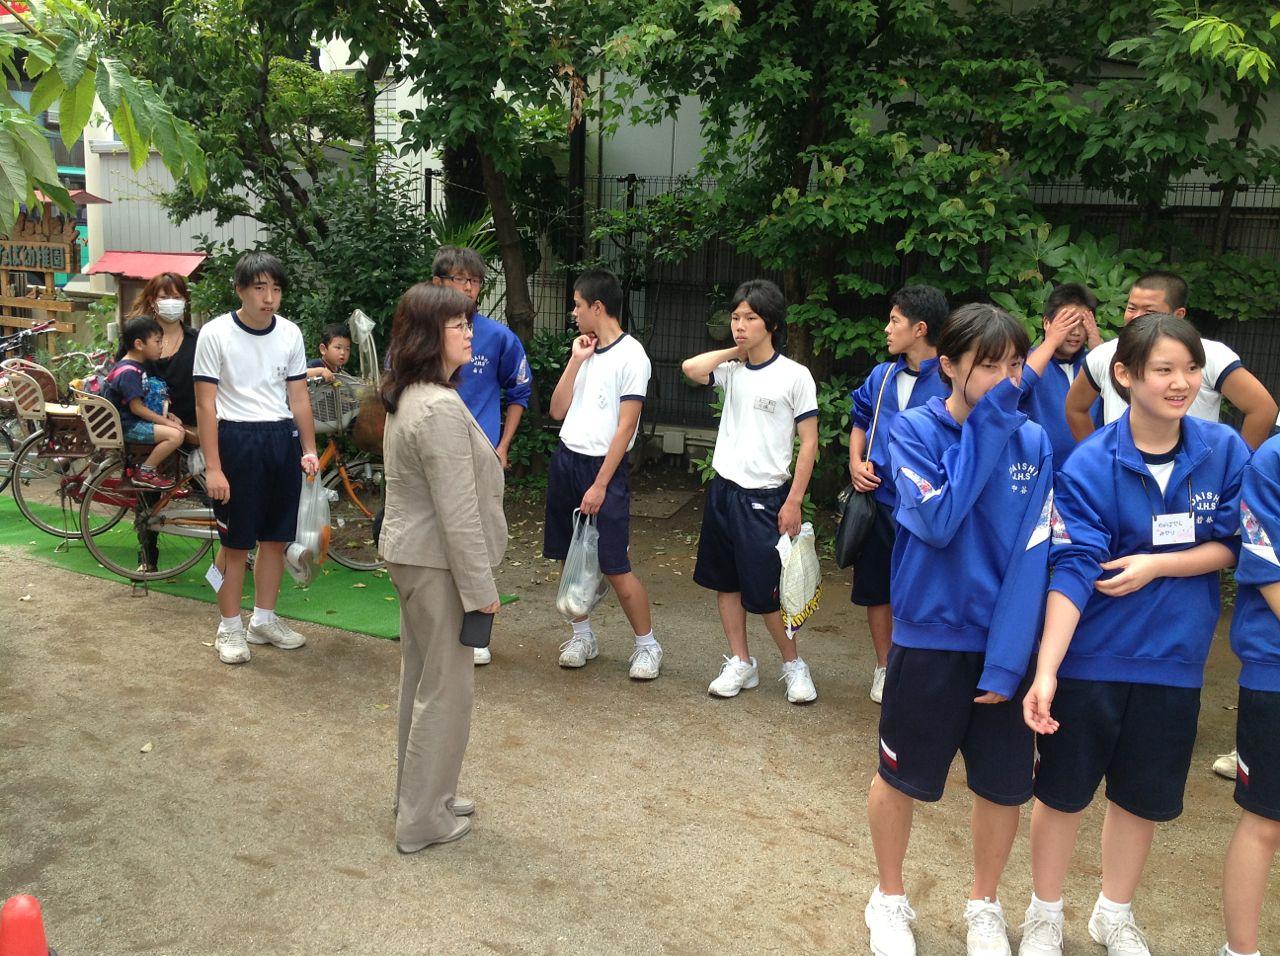 中学生が整列していると、早速気になっている子ども達。 川崎ふたば幼稚園ブログ